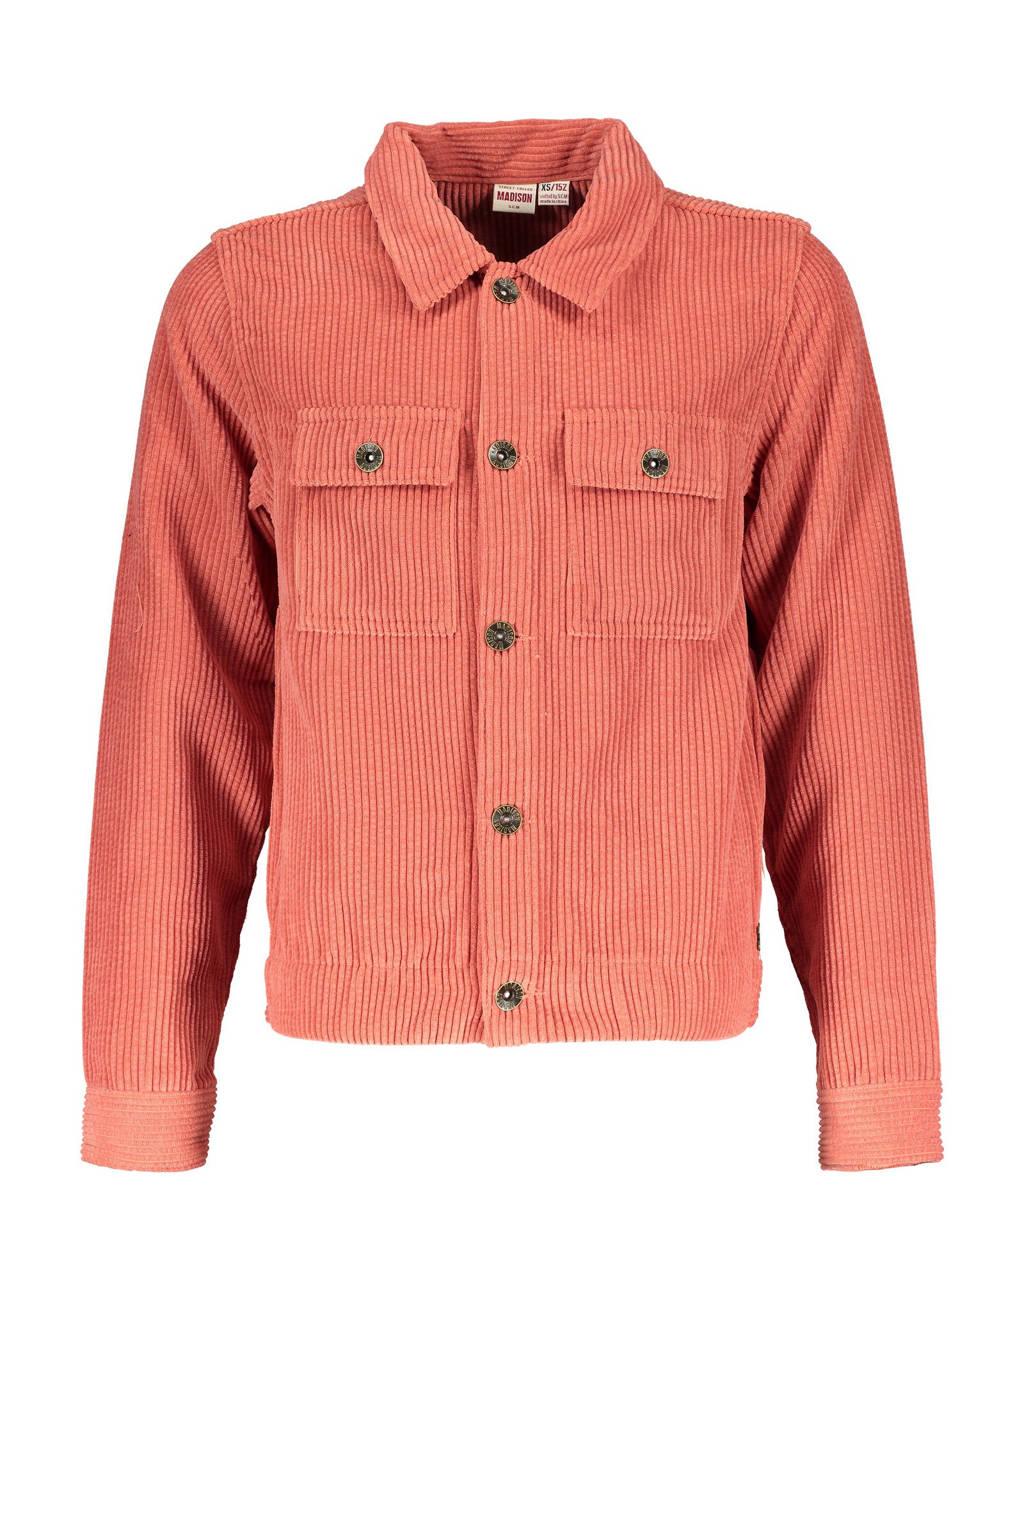 Street called Madison corduroy jasje Got It met textuur roze, Roze